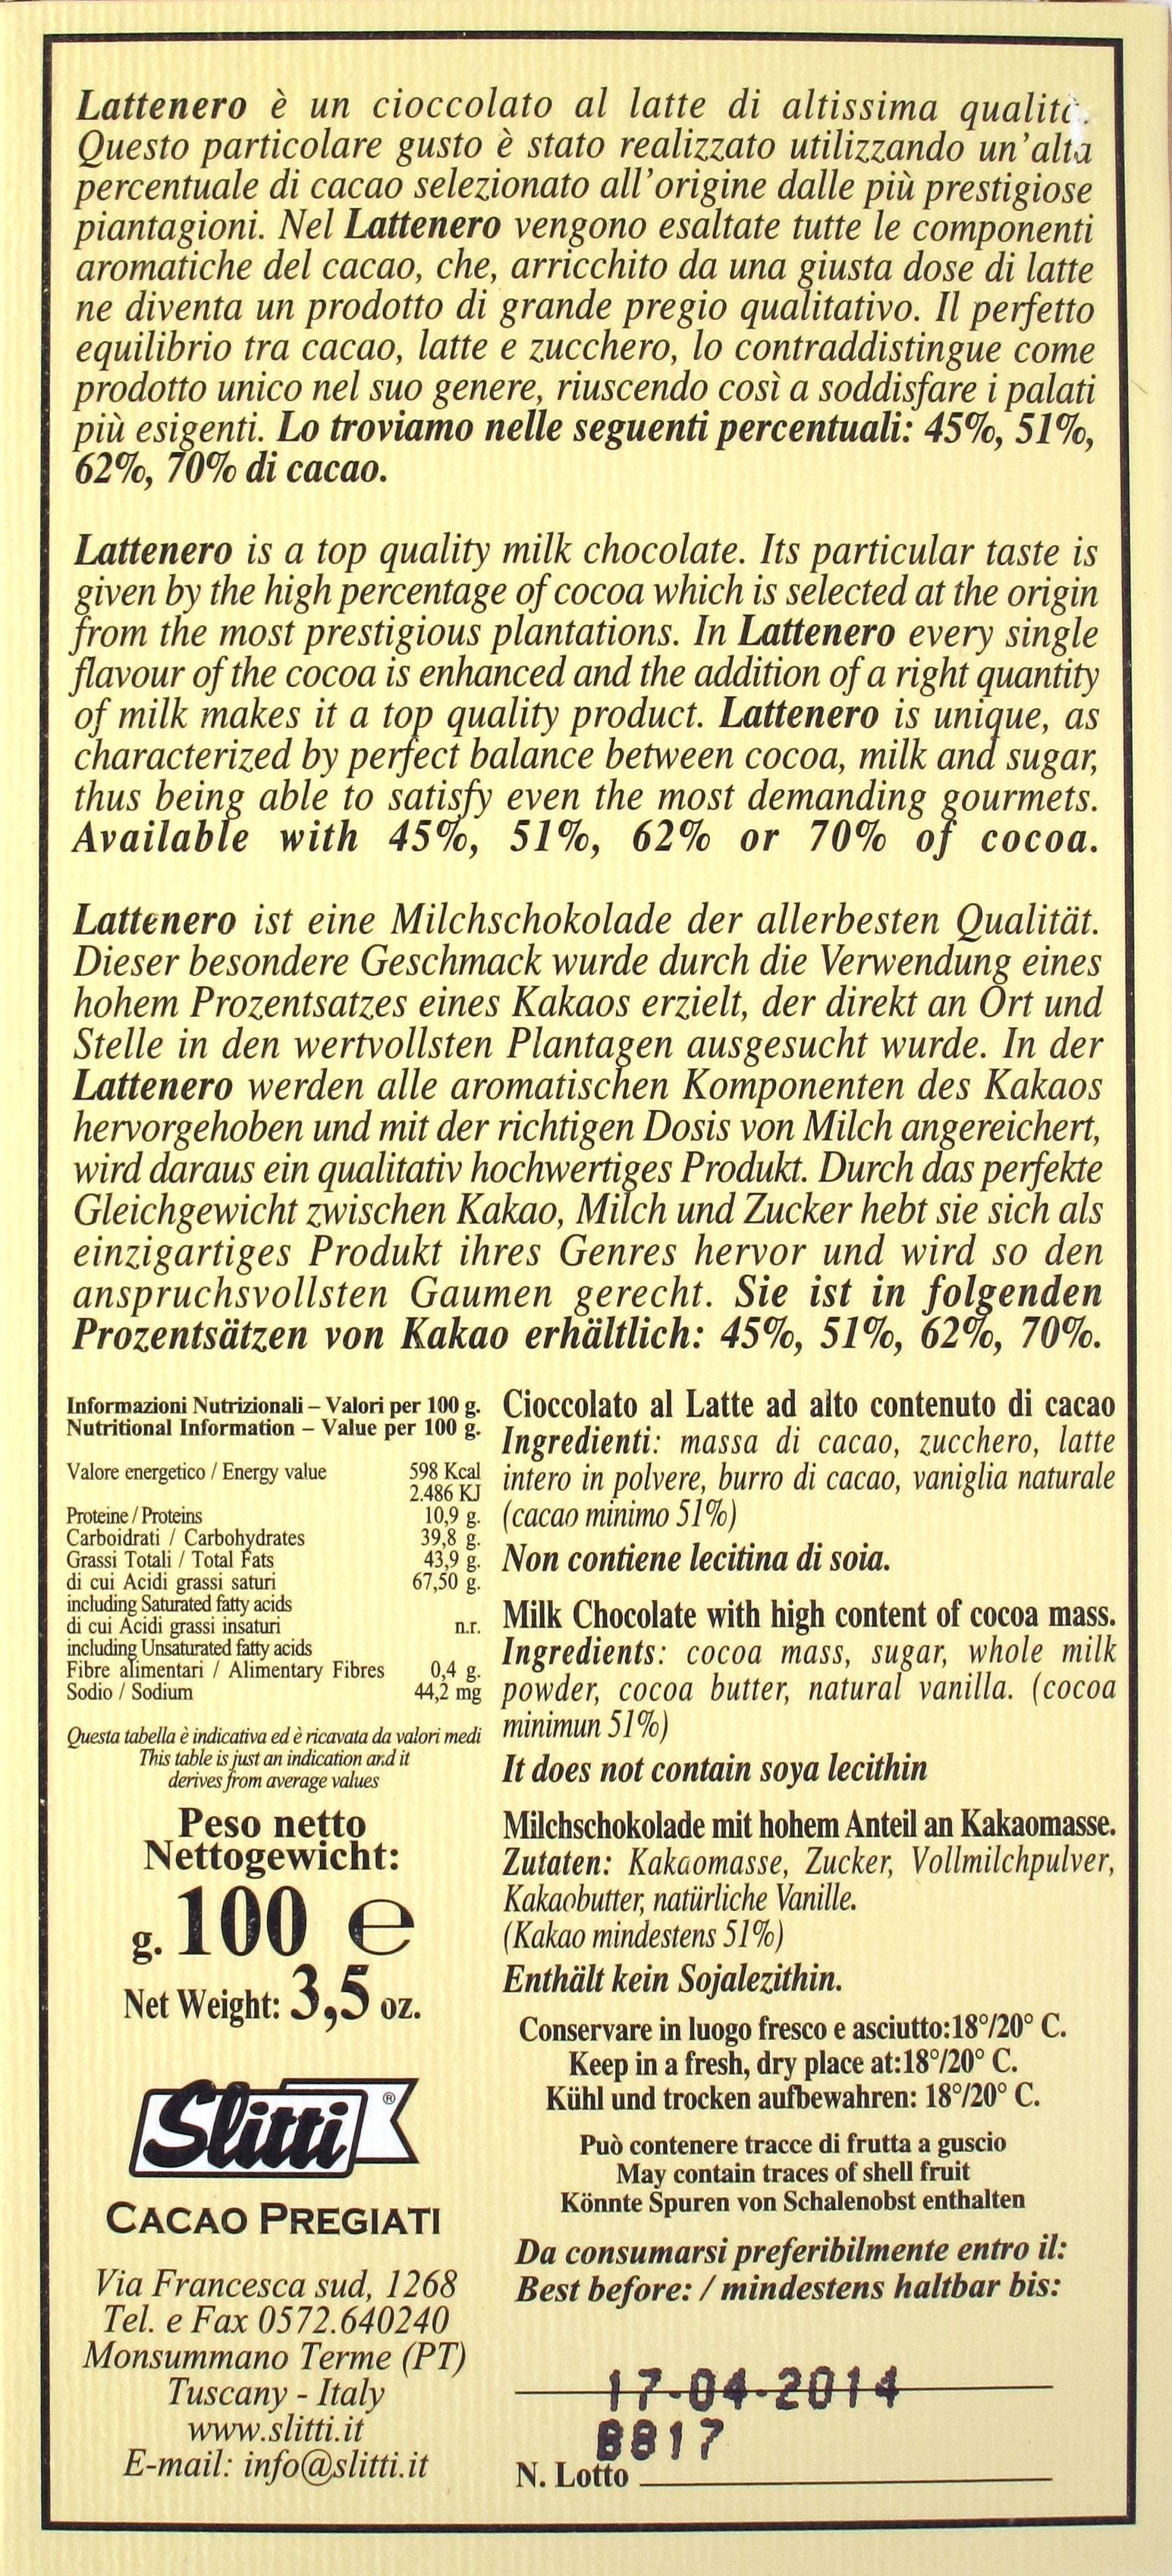 Slitti Lattenero 51%: Rückseite